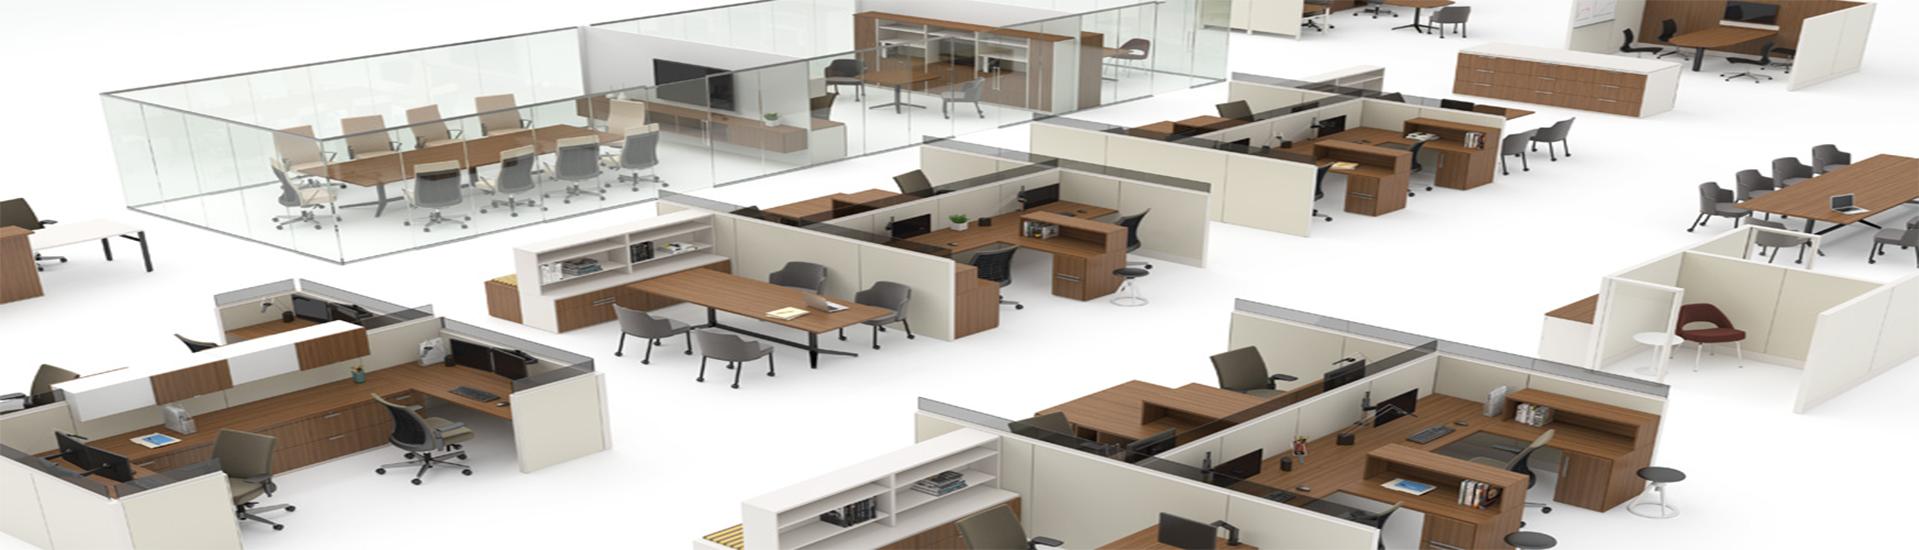 Cloisons de bureau pour séparation d'espace de travail